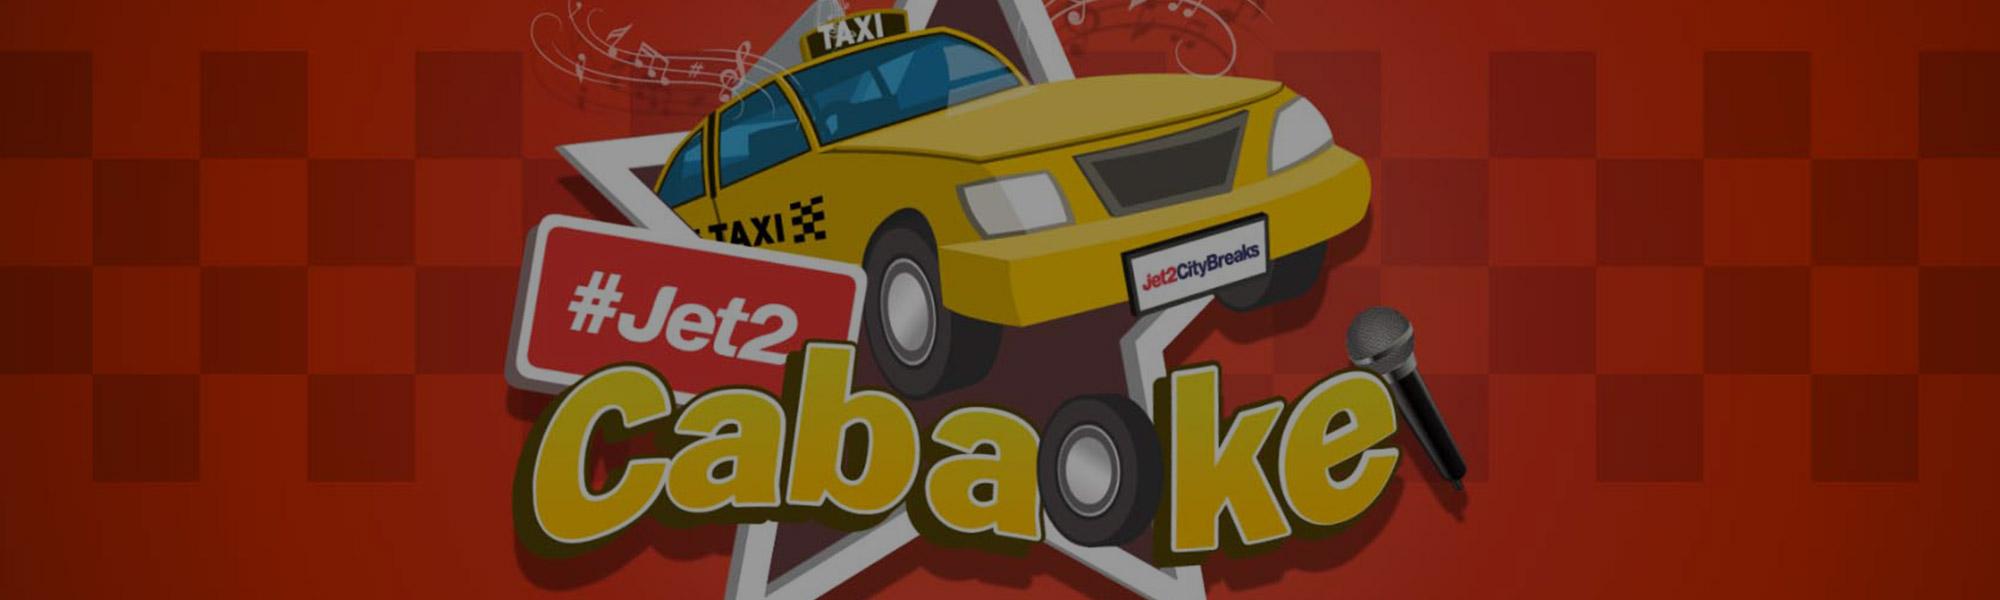 Jet2 Cabaoke